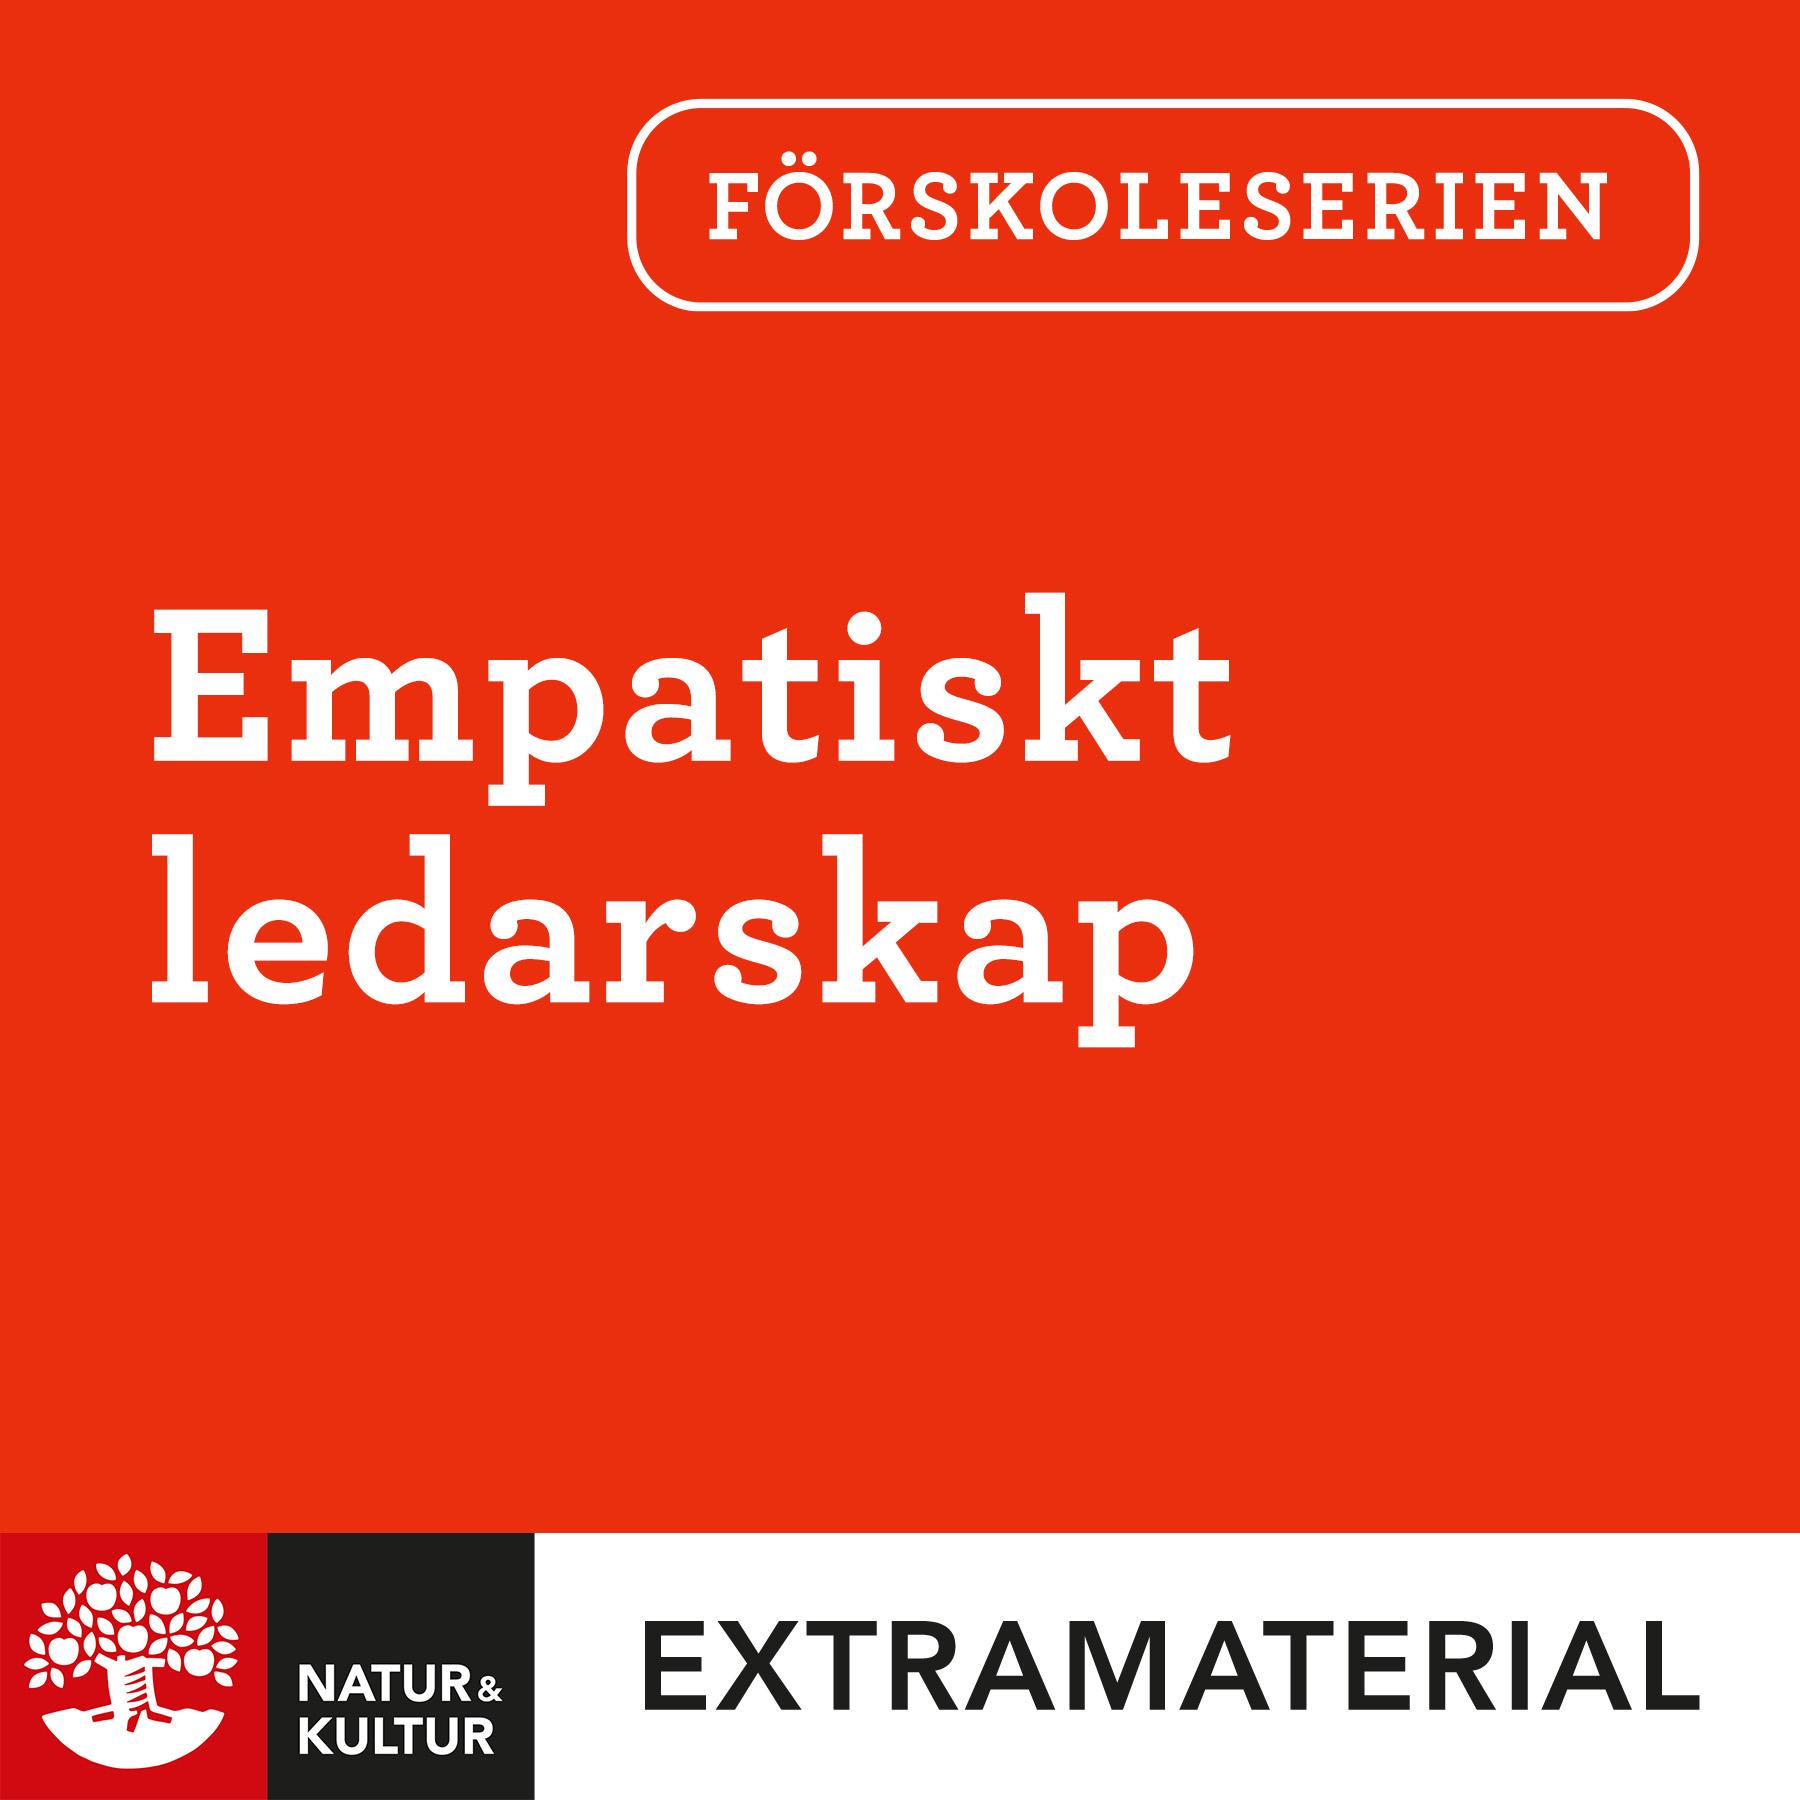 Empatiskt ledarskap